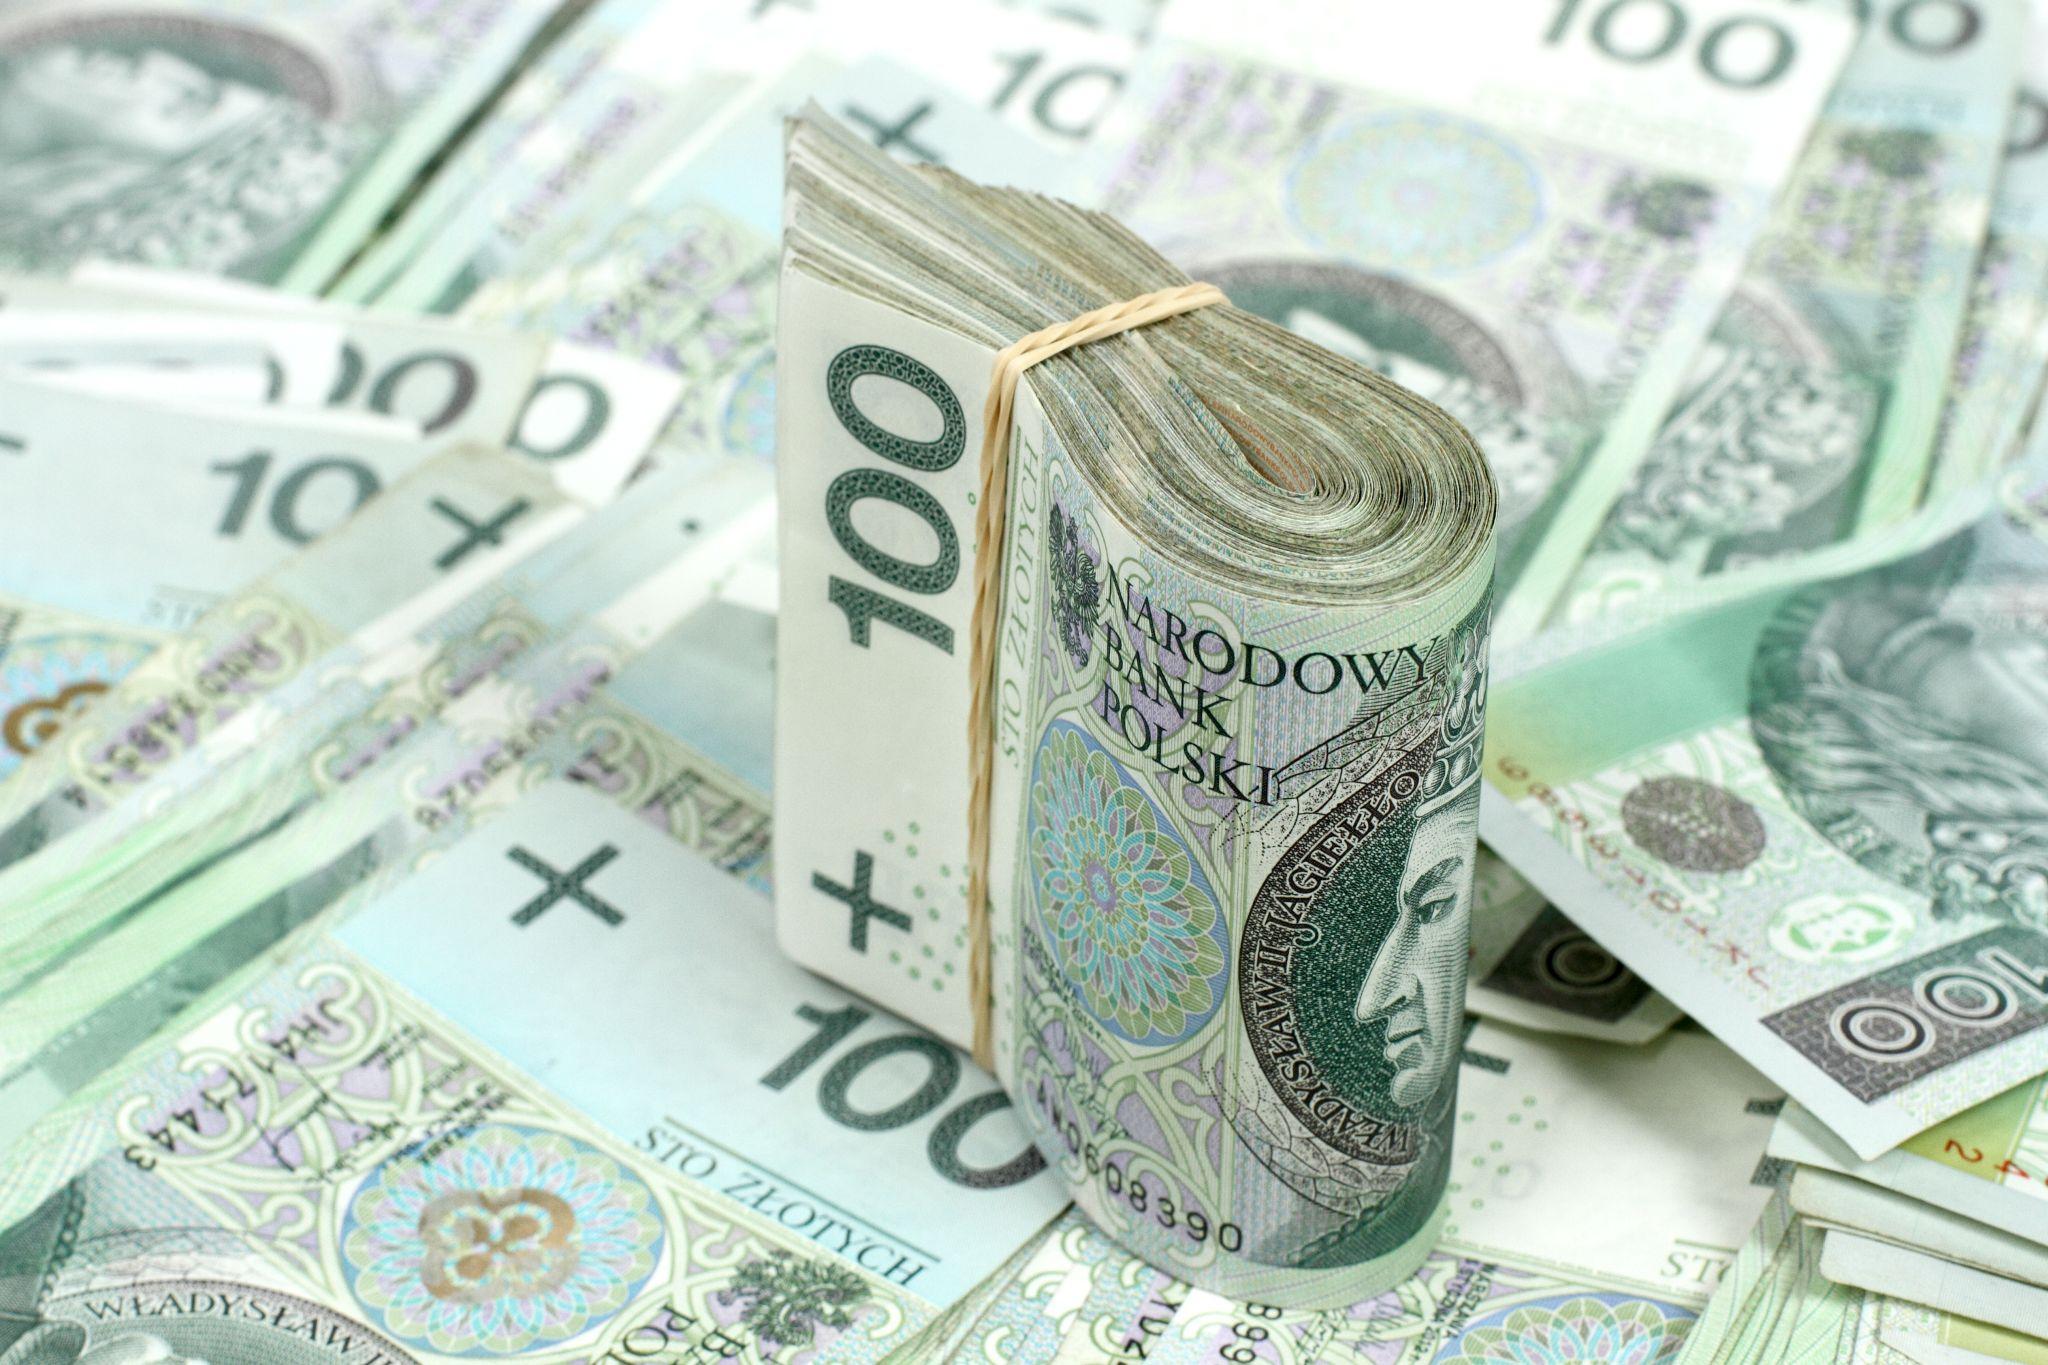 Wybierz rozsądnie swój nowy kredyt konsolidacyjny